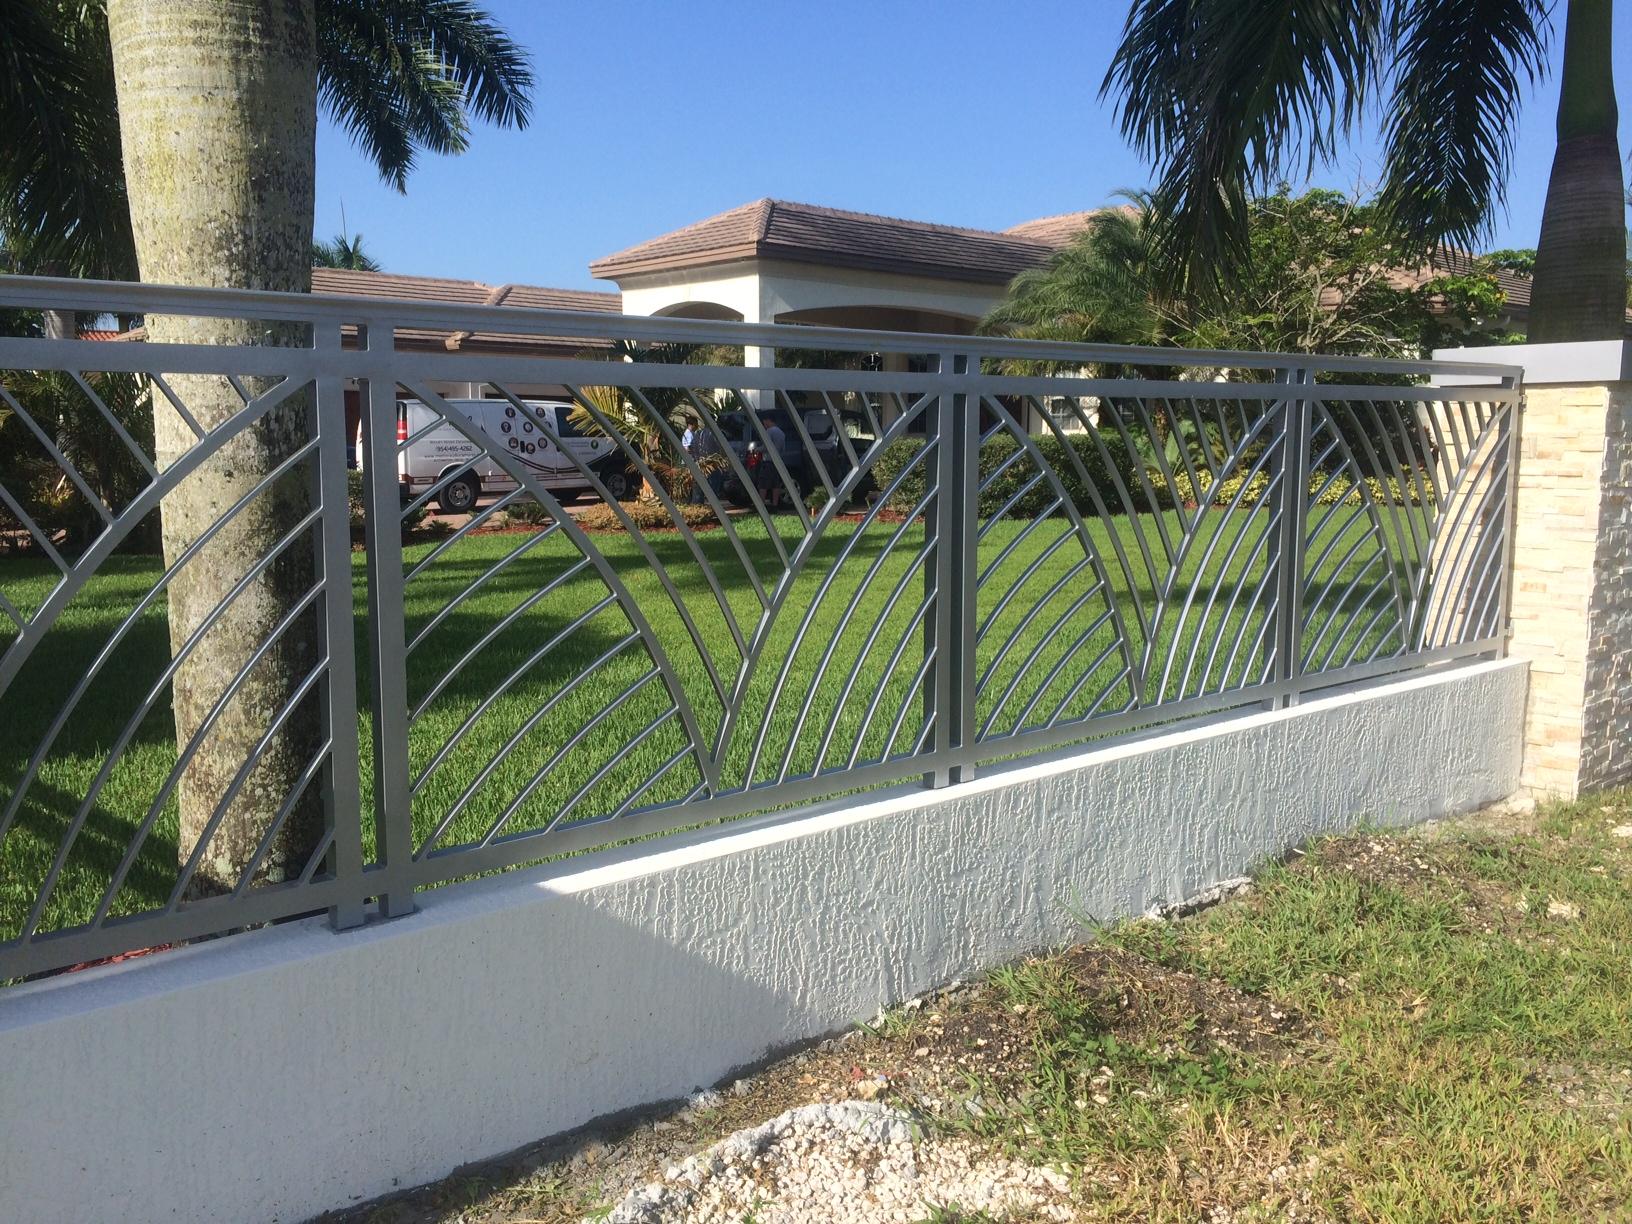 aluminum fences wrought iron fences privacy fence aluminum i